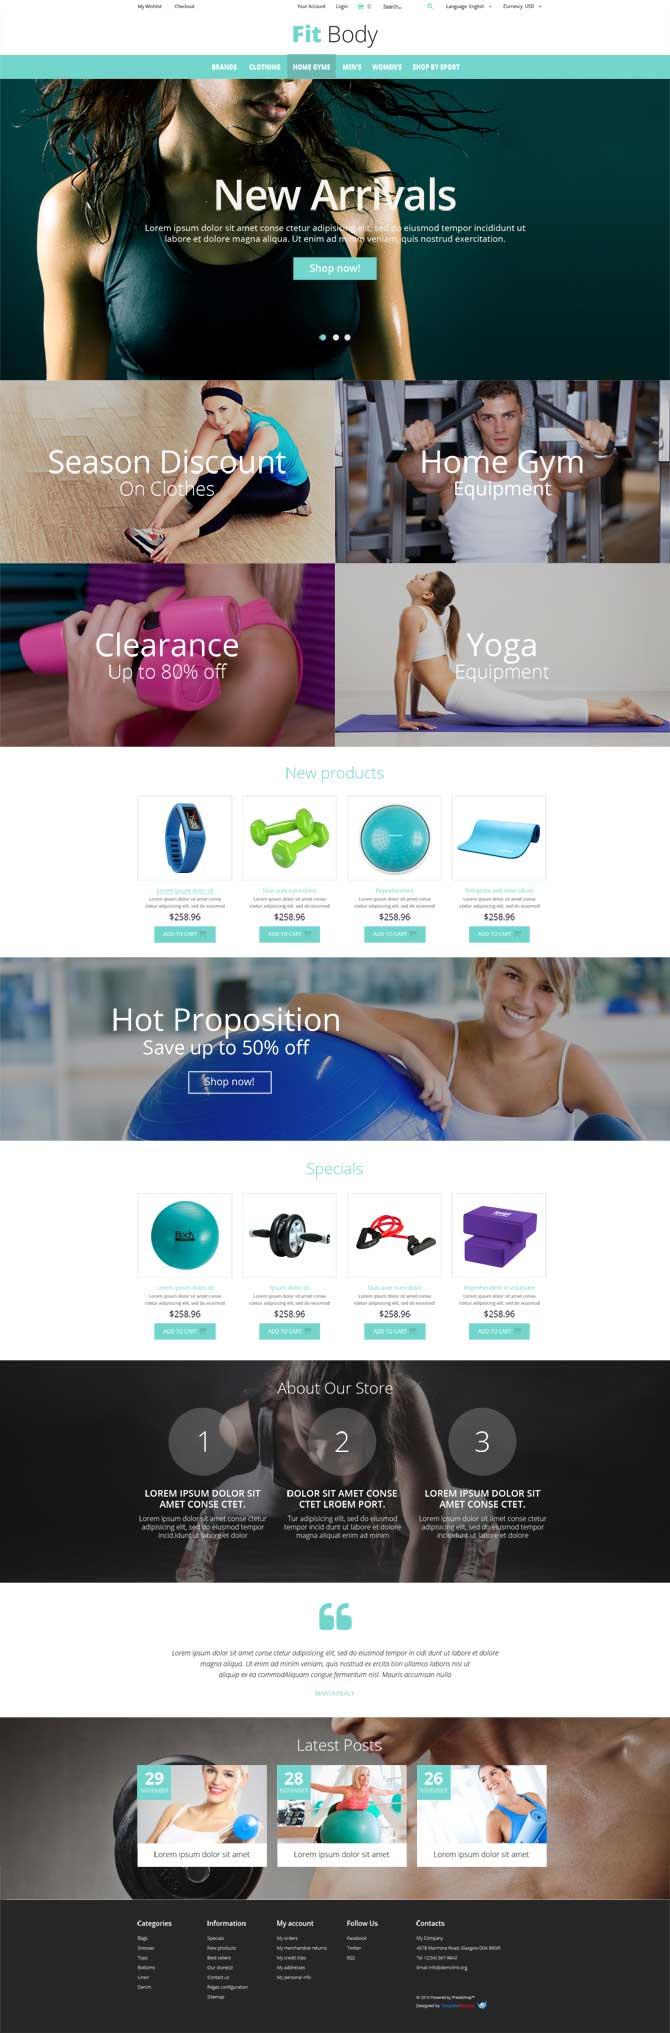 Бесплатный шаблон для Интернет-магазина спорт-инвентаря на CMS Magento